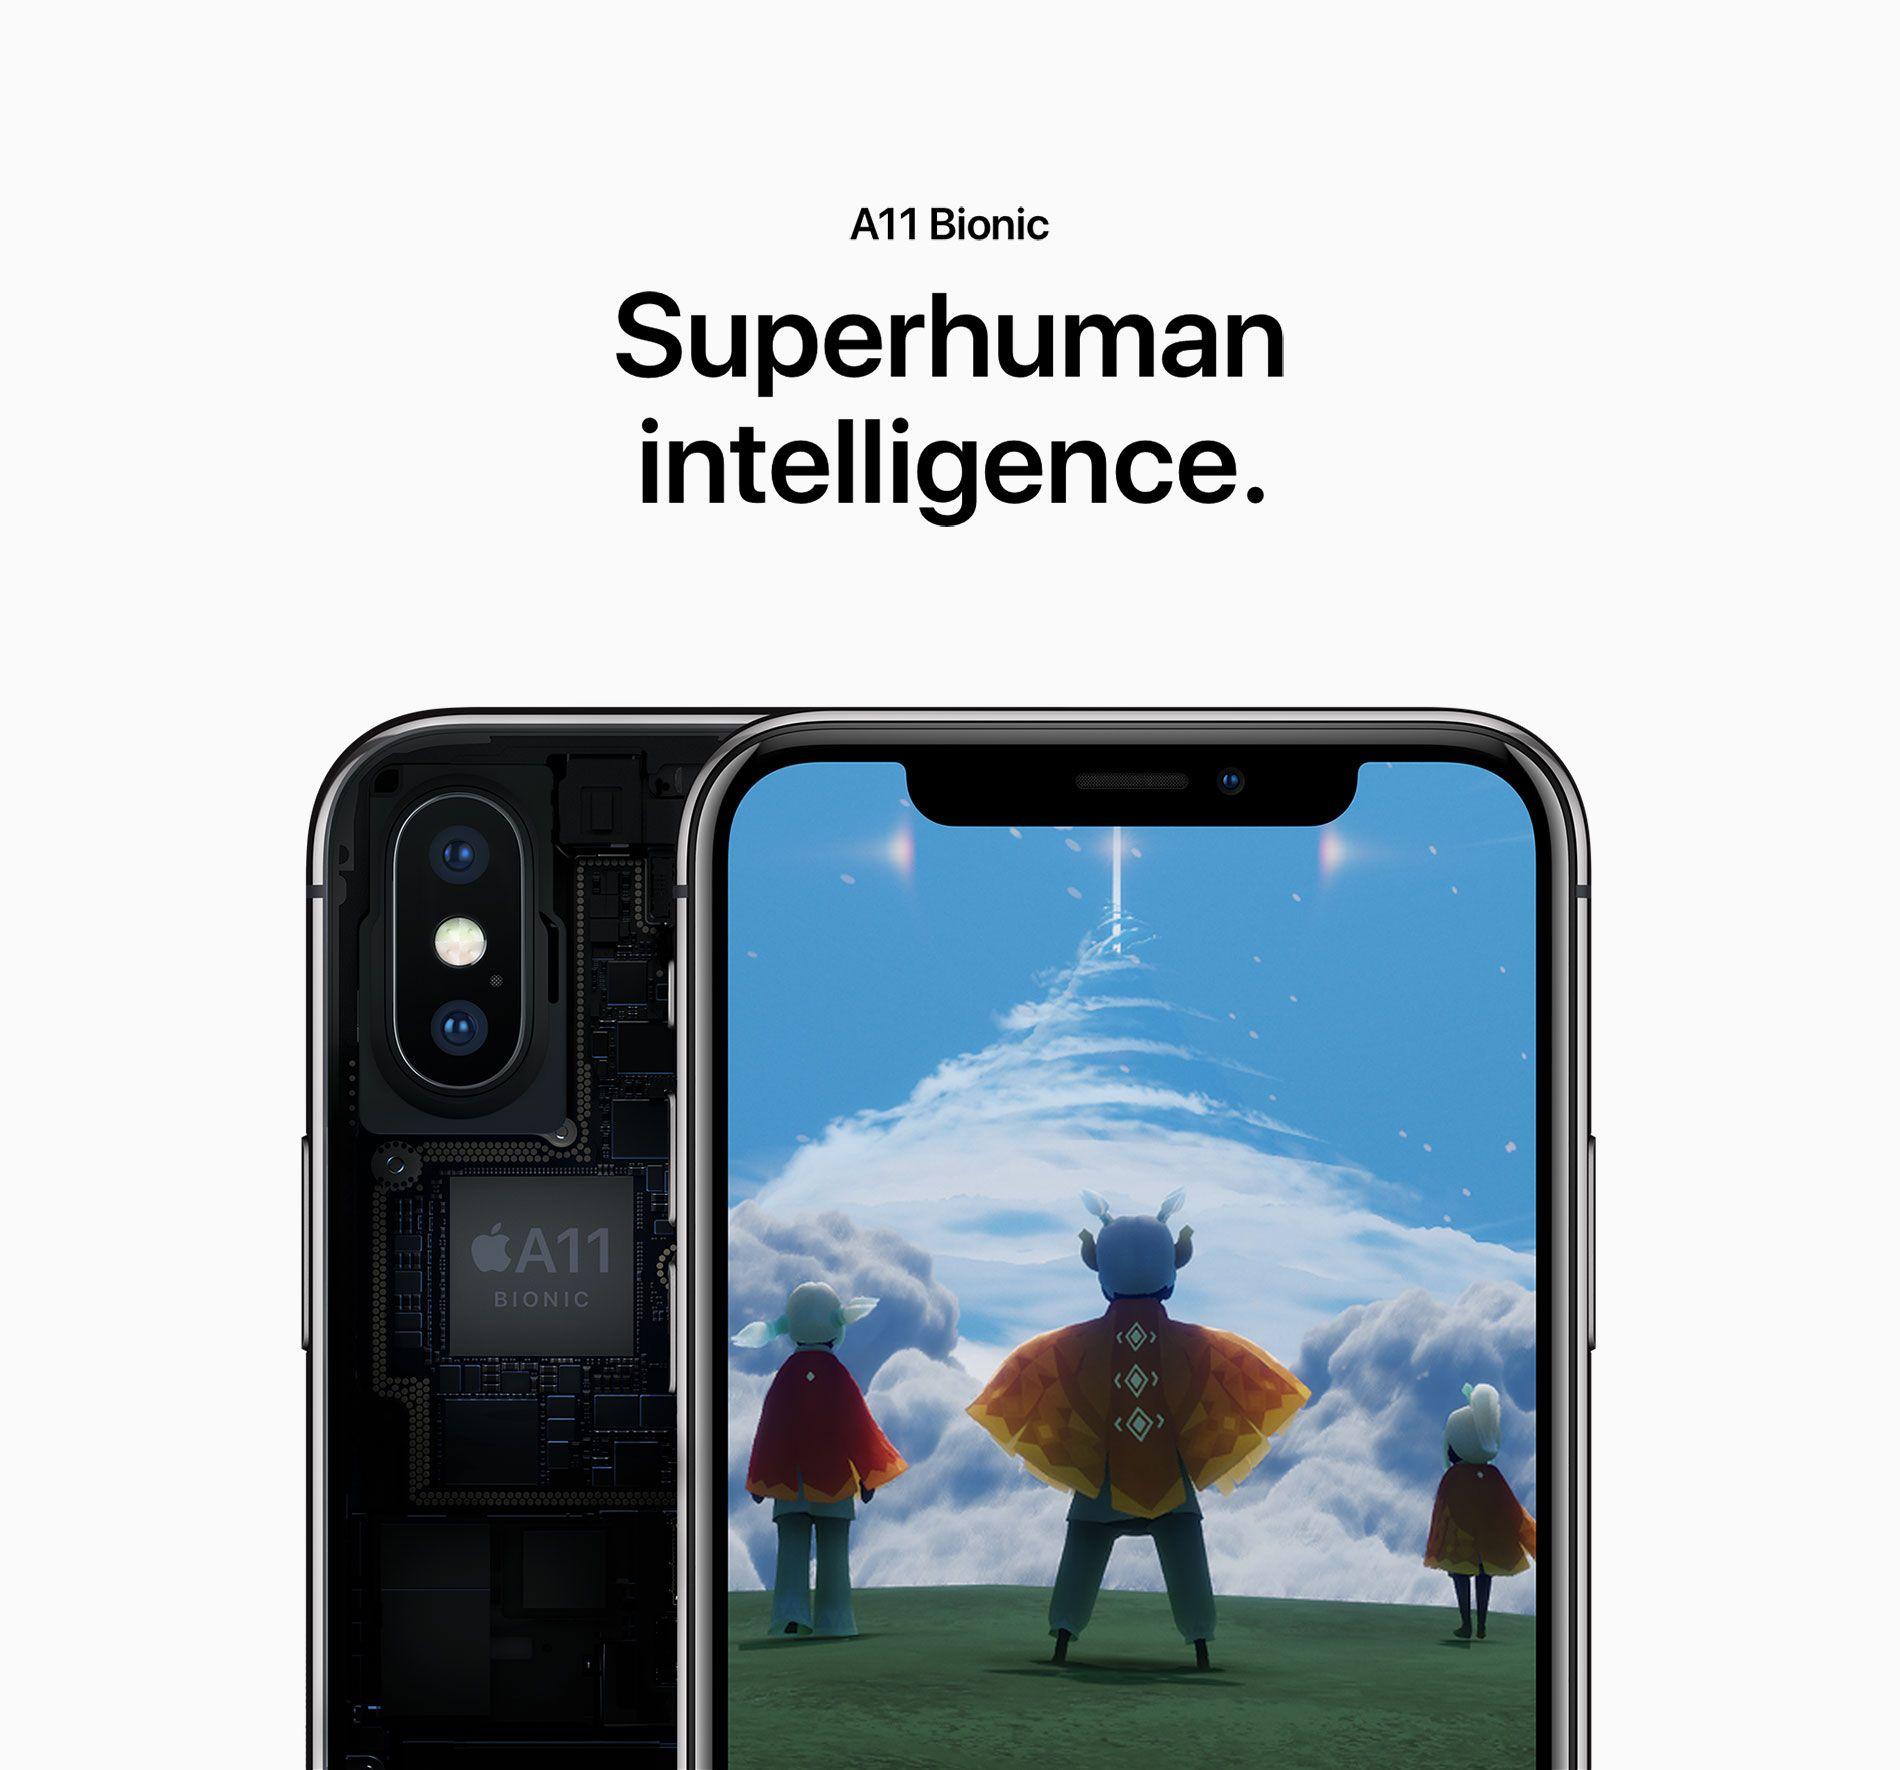 A11 Bionic - Superhuman intelligence.